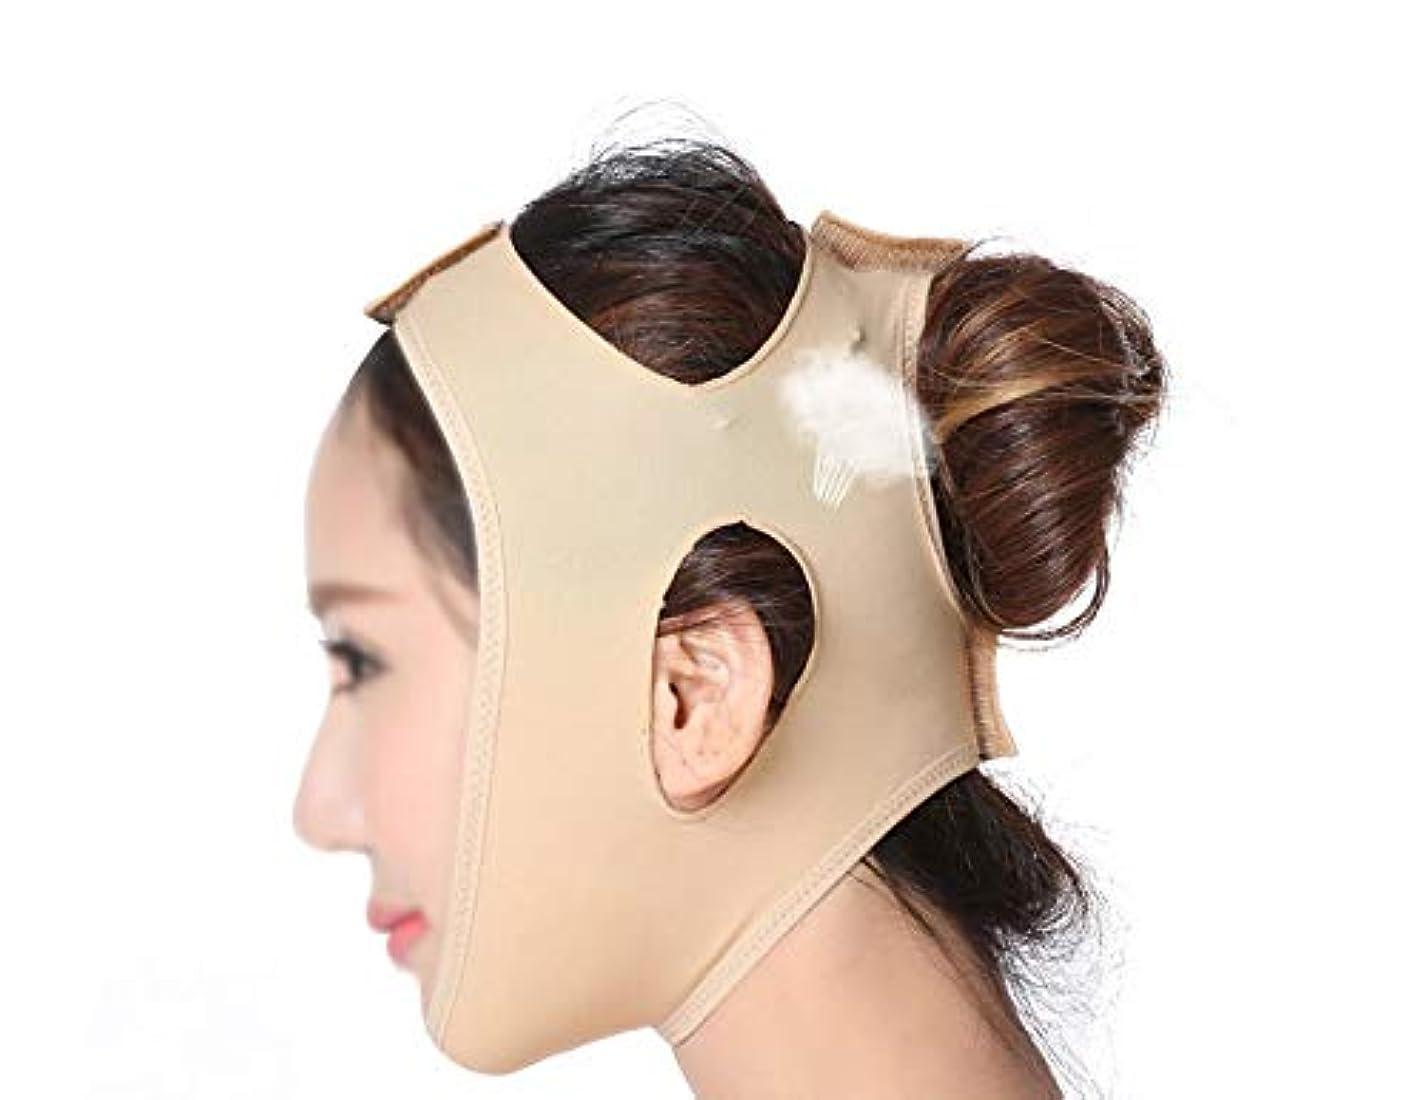 どのくらいの頻度でアルバムバーガーLJK ファーミングフェイスマスク、フェイシャルマスク睡眠薄いフェイス包帯薄いフェイスマスクフェイスリフティングフェイスメロンフェイスVフェイスリフティングファーミングダブルチン美容ツール (Size : XXL)